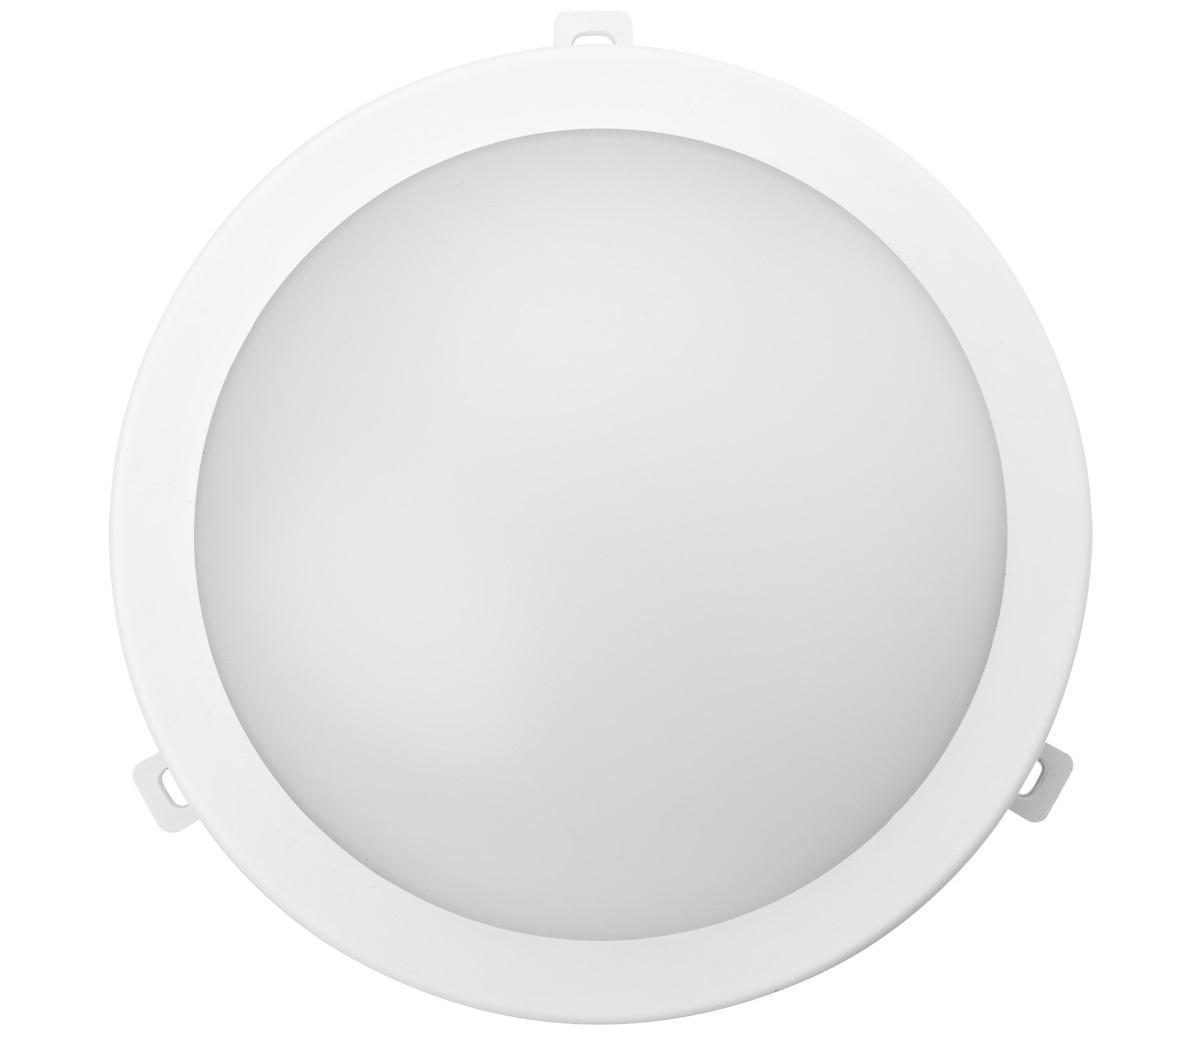 Светильник МАЯК Ll-bh-r/12w/6500